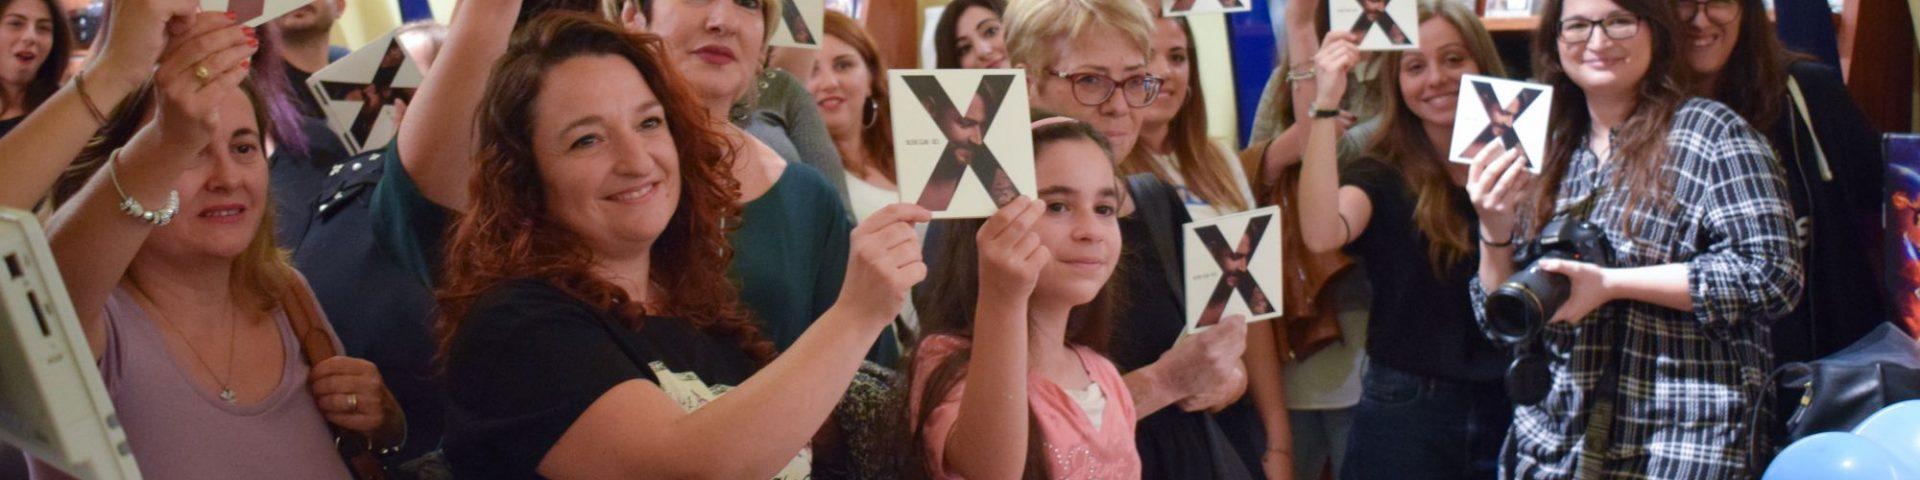 Valerio Scanu incontra i fan durante l'instore tour - Foto